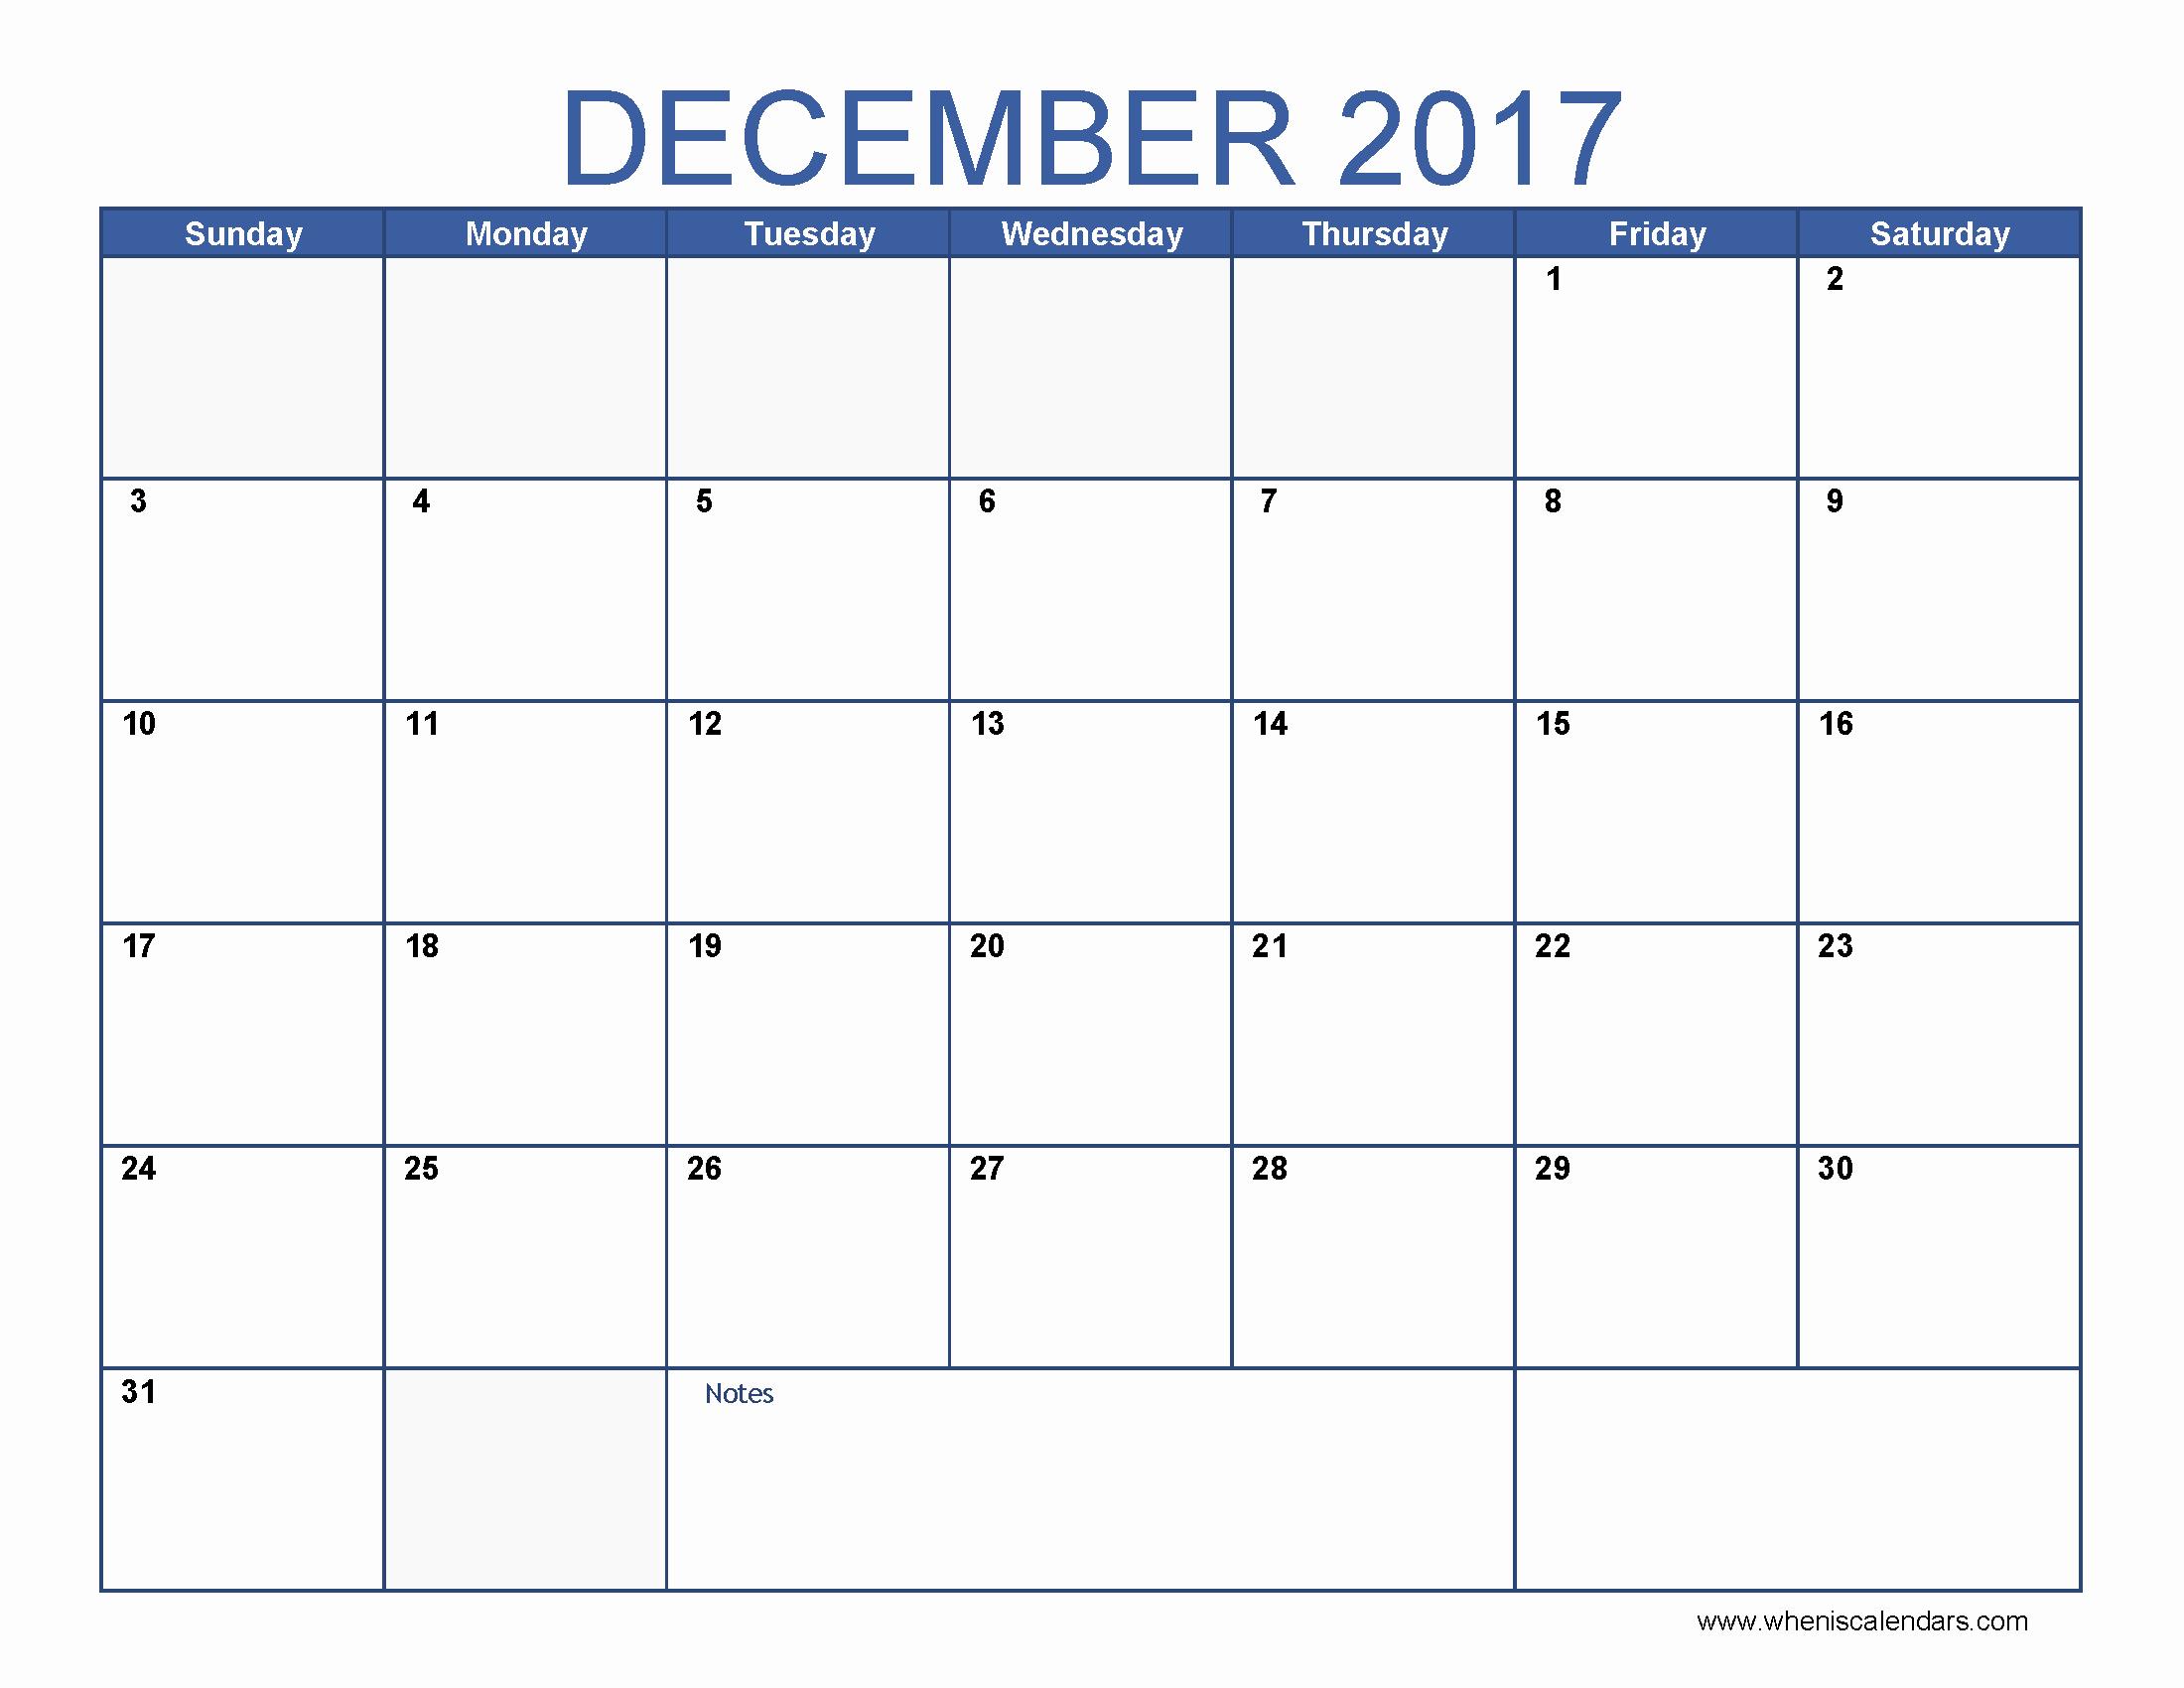 Calendar 2017 Template with Holidays New December 2017 Calendar Template